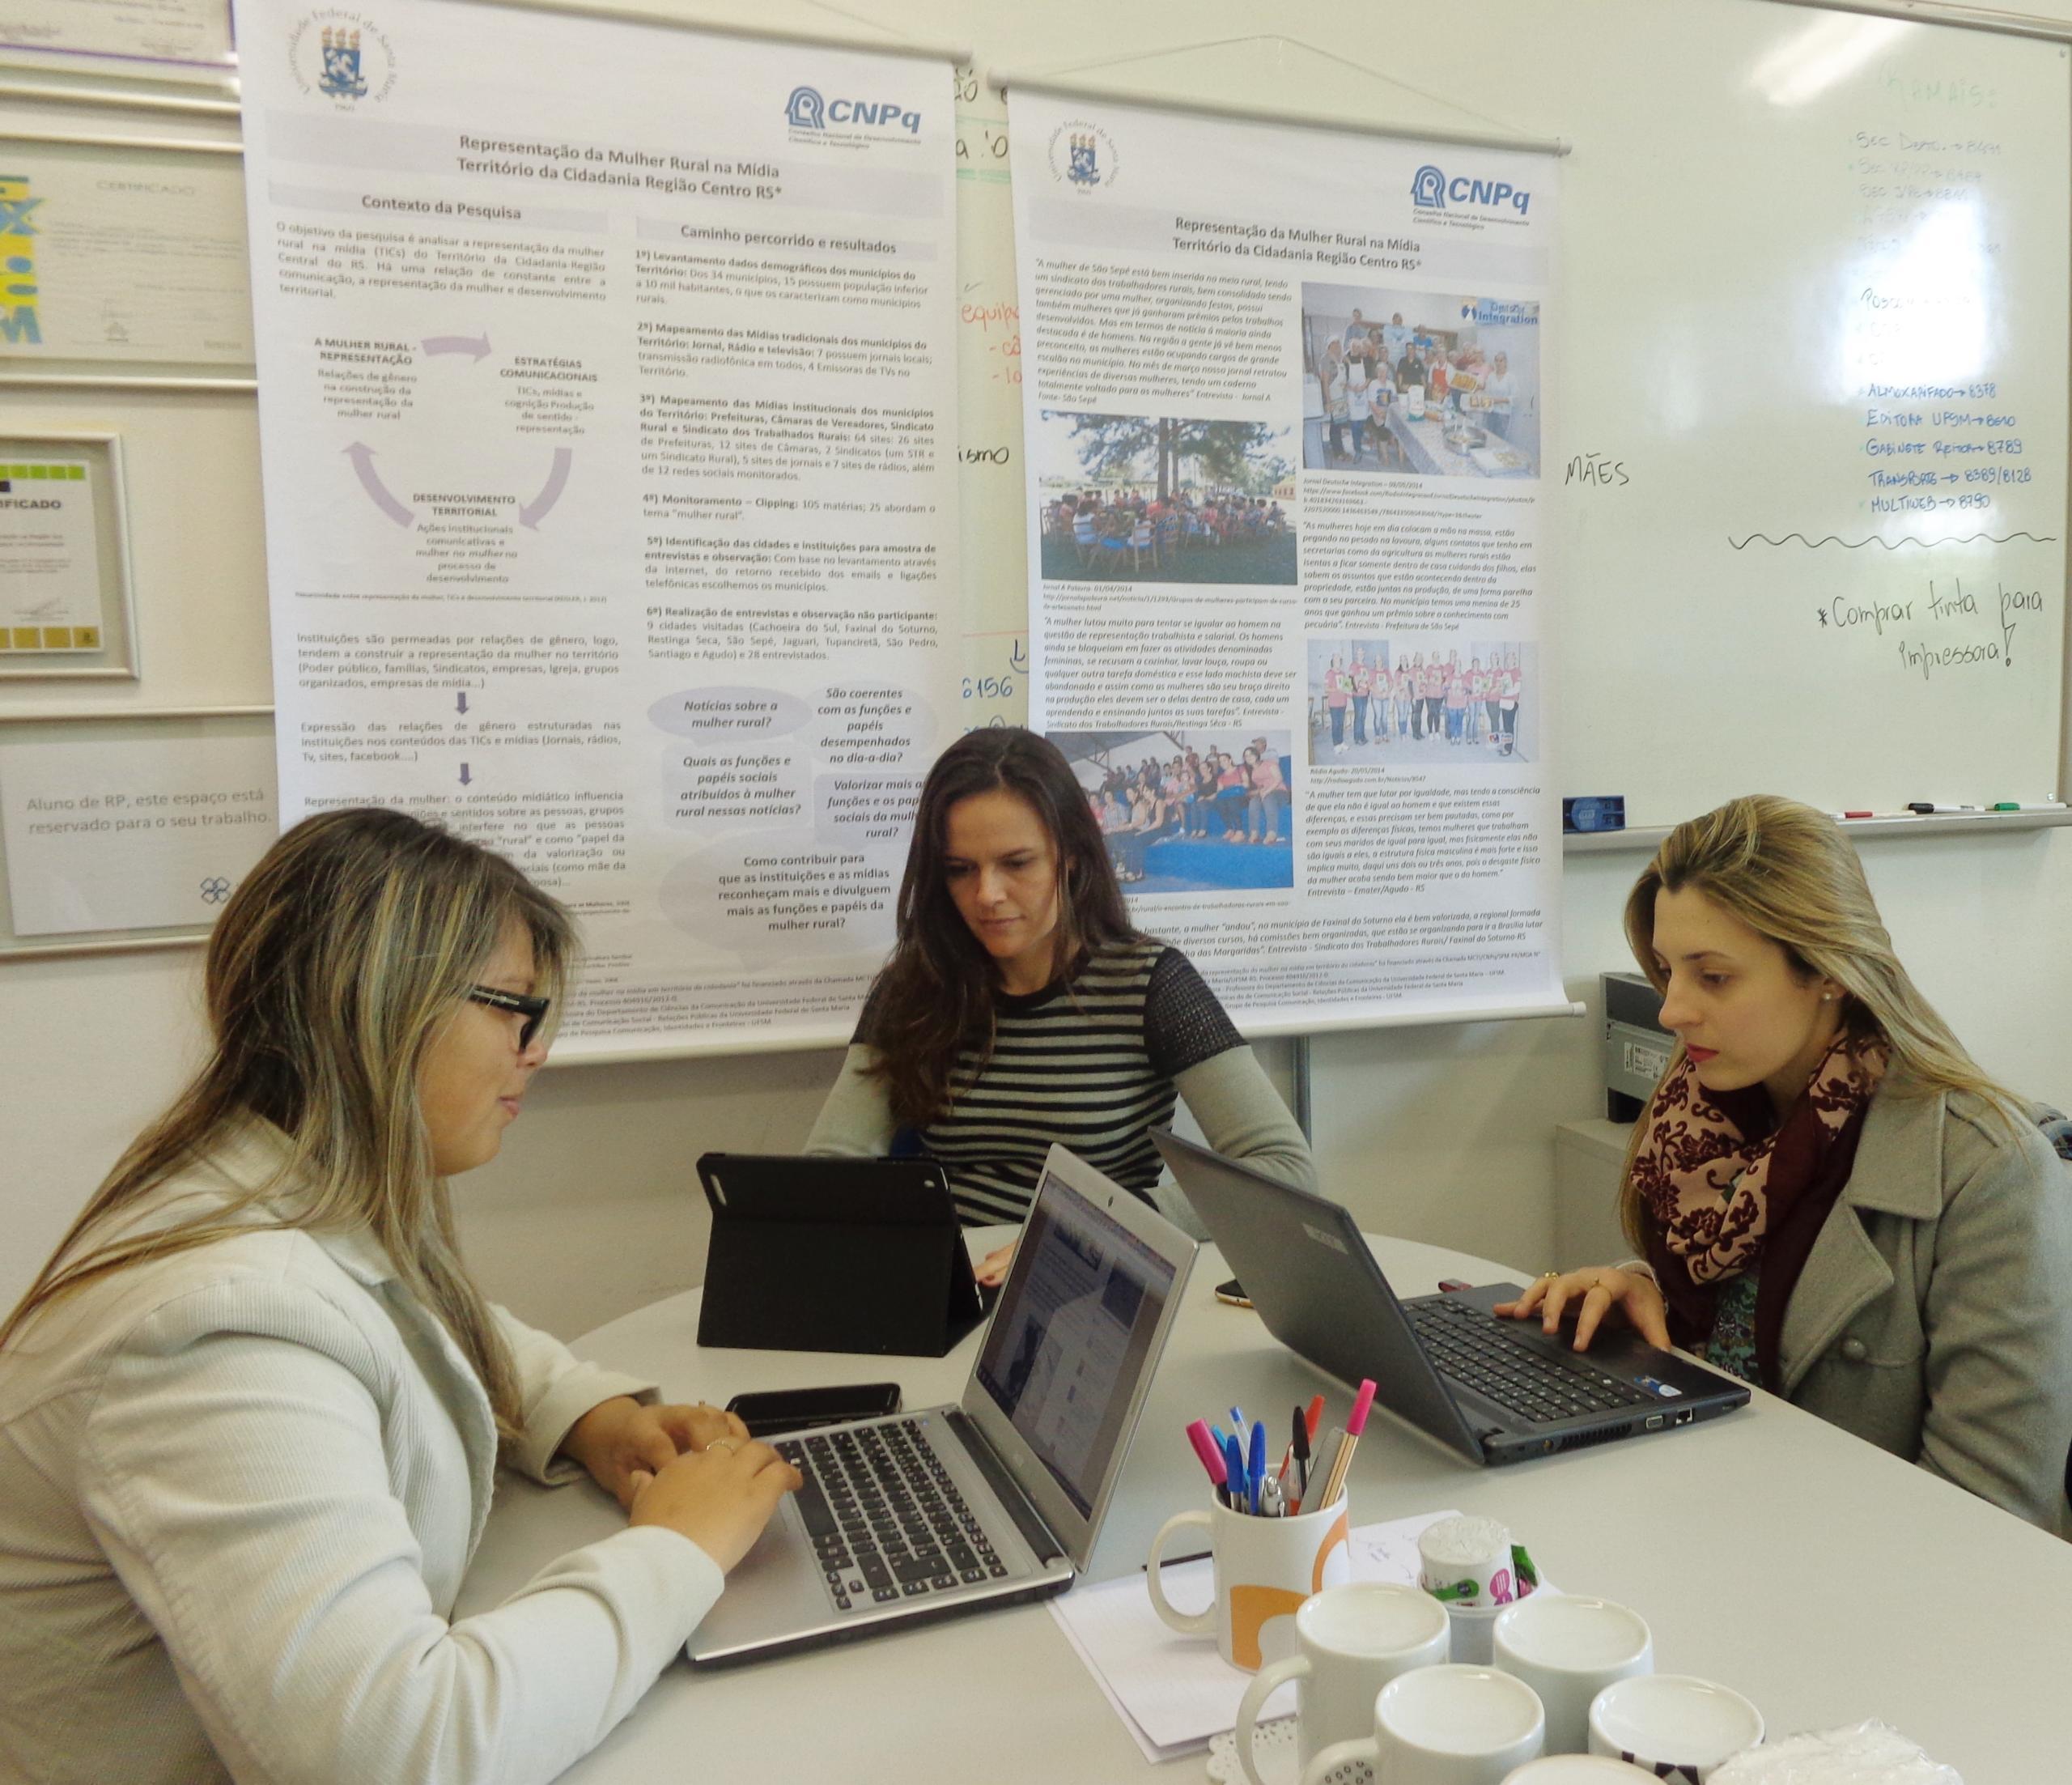 Juliana Graebner, Profª. Drª. Jaqueline Kegler e Ariele Righi